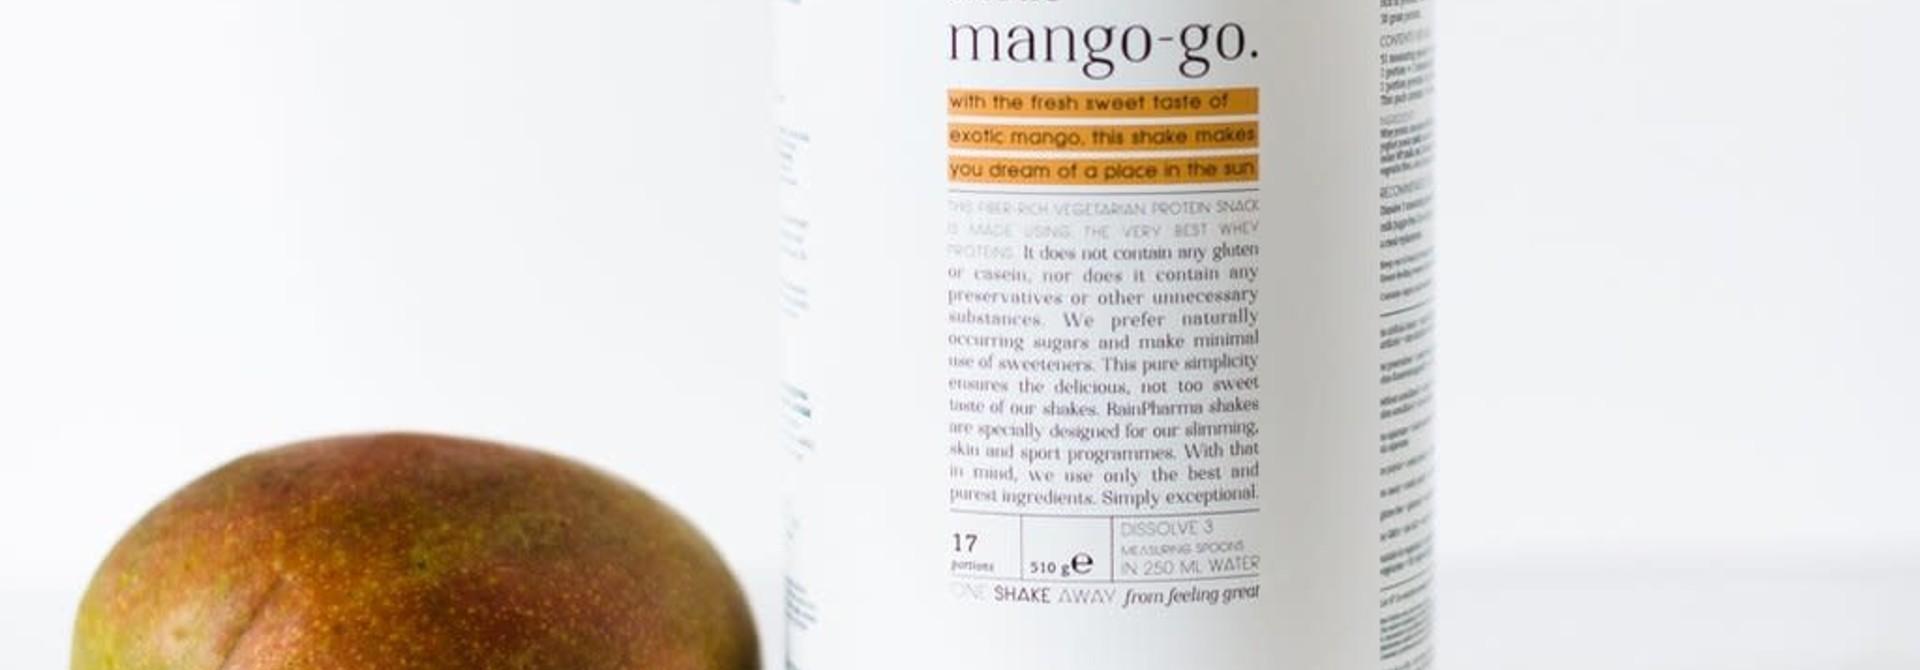 Eiwitshake Exotic Mango-go